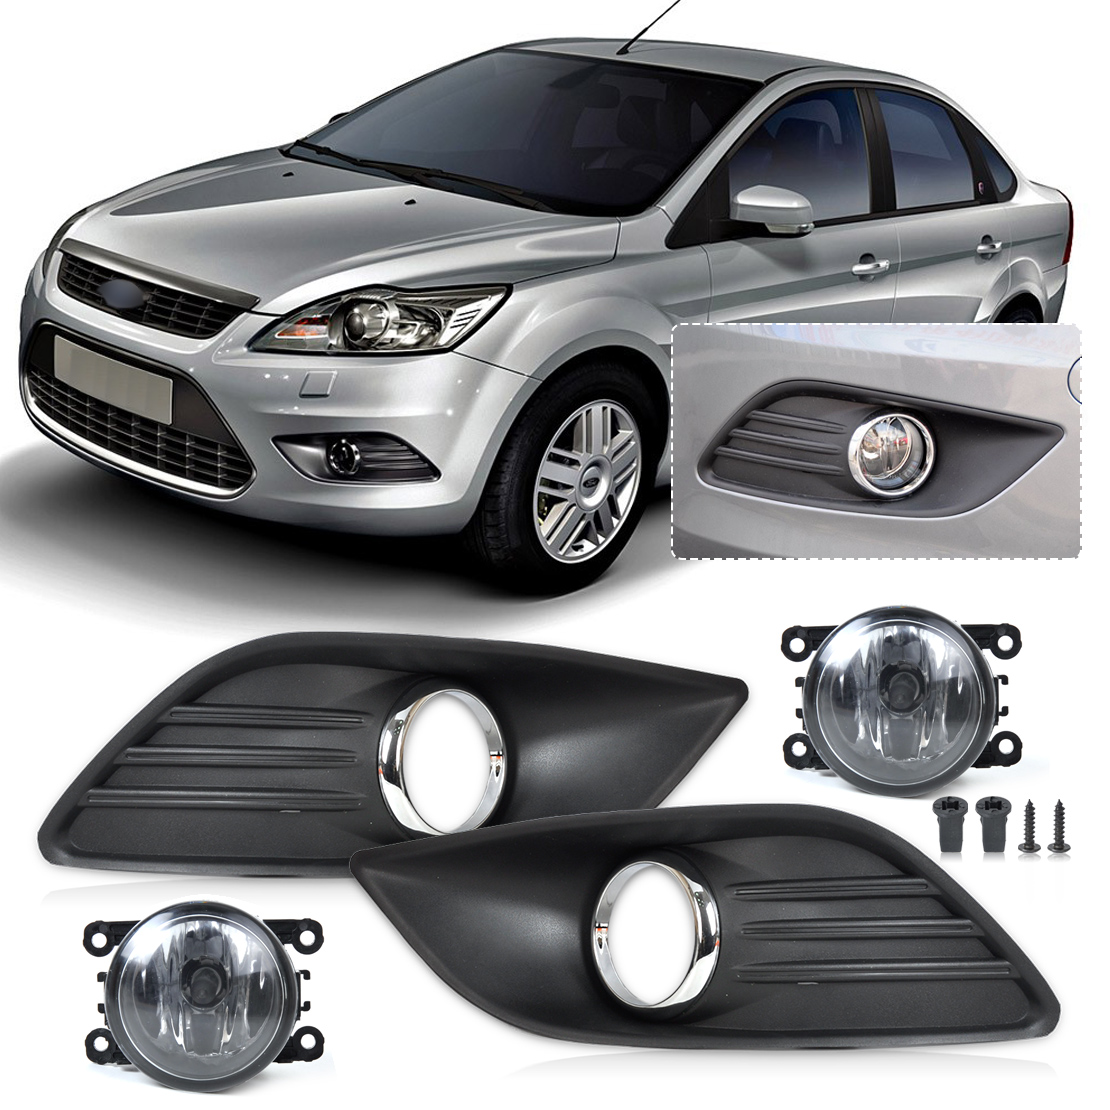 Dwcx 2pcs front left right side lower bumper fog light grille 2pcs lamp kit